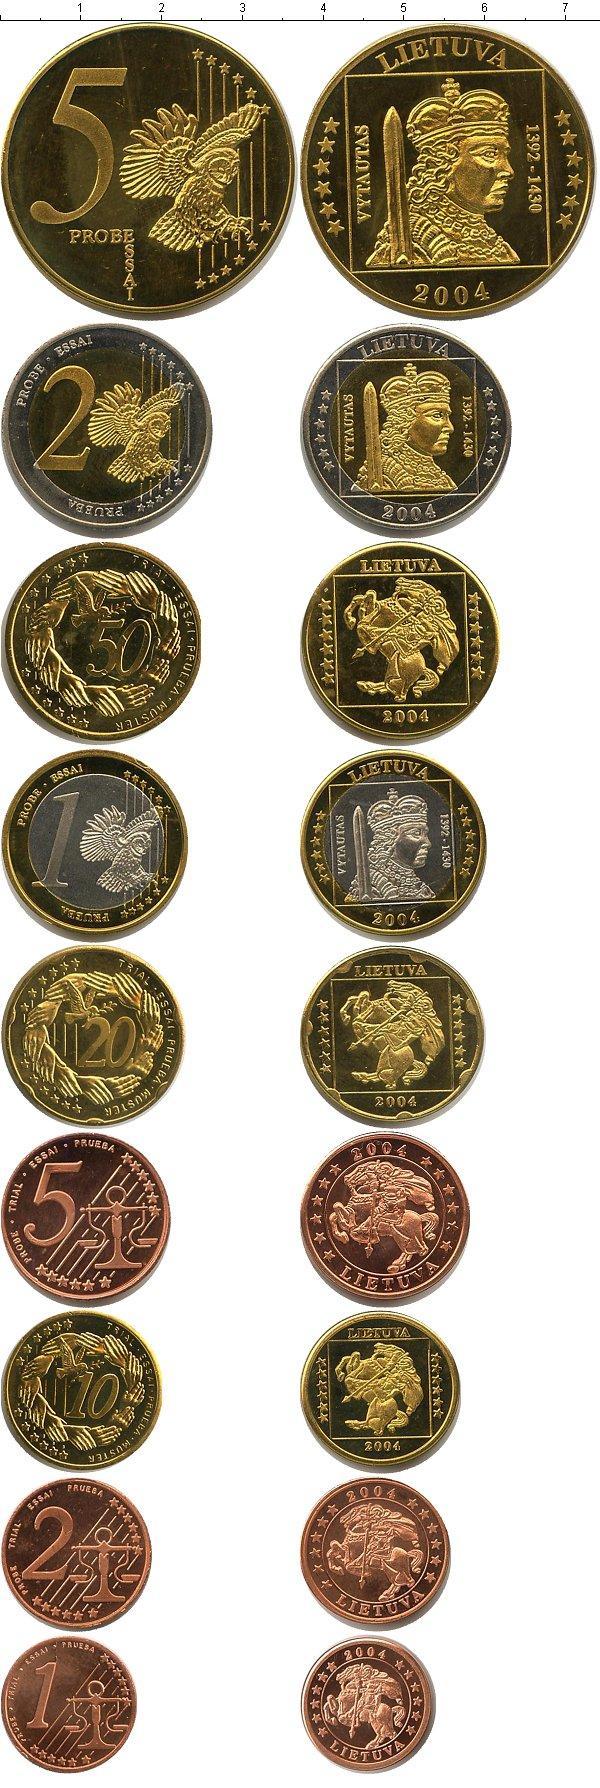 Каталог монет - Литва Пробный евронабор 2004